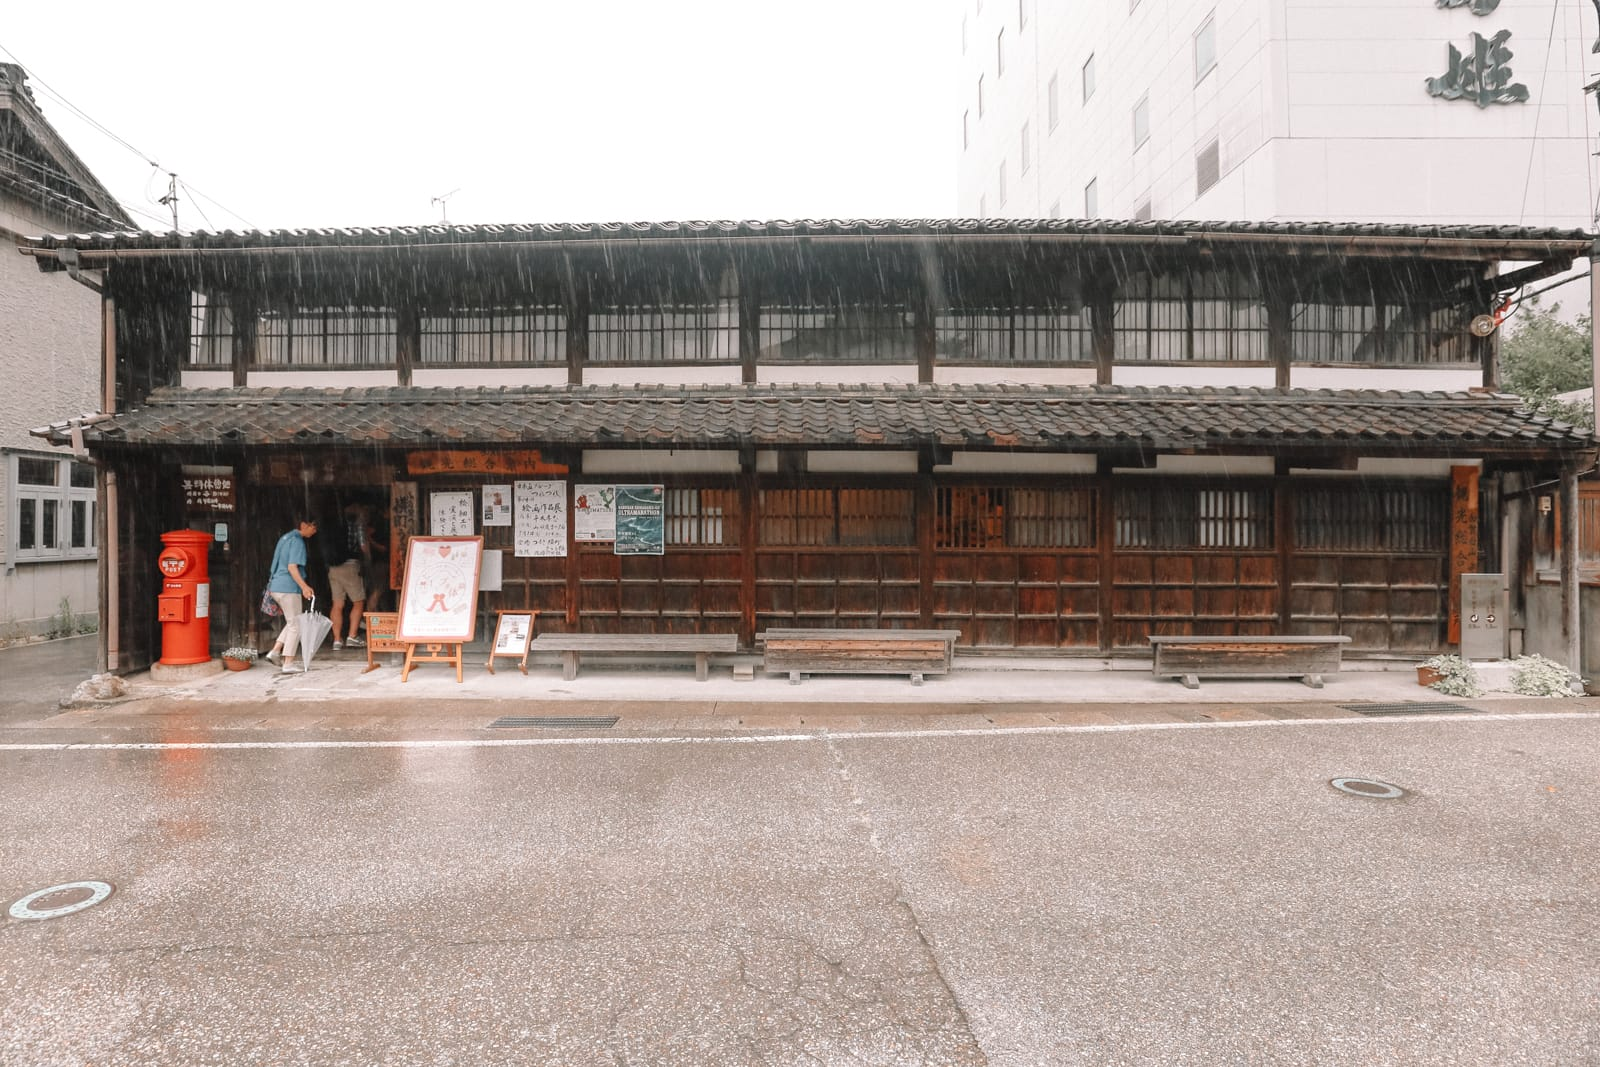 Finding The Samurai District Of Kanazawa and Hakusan City - Japan (22)